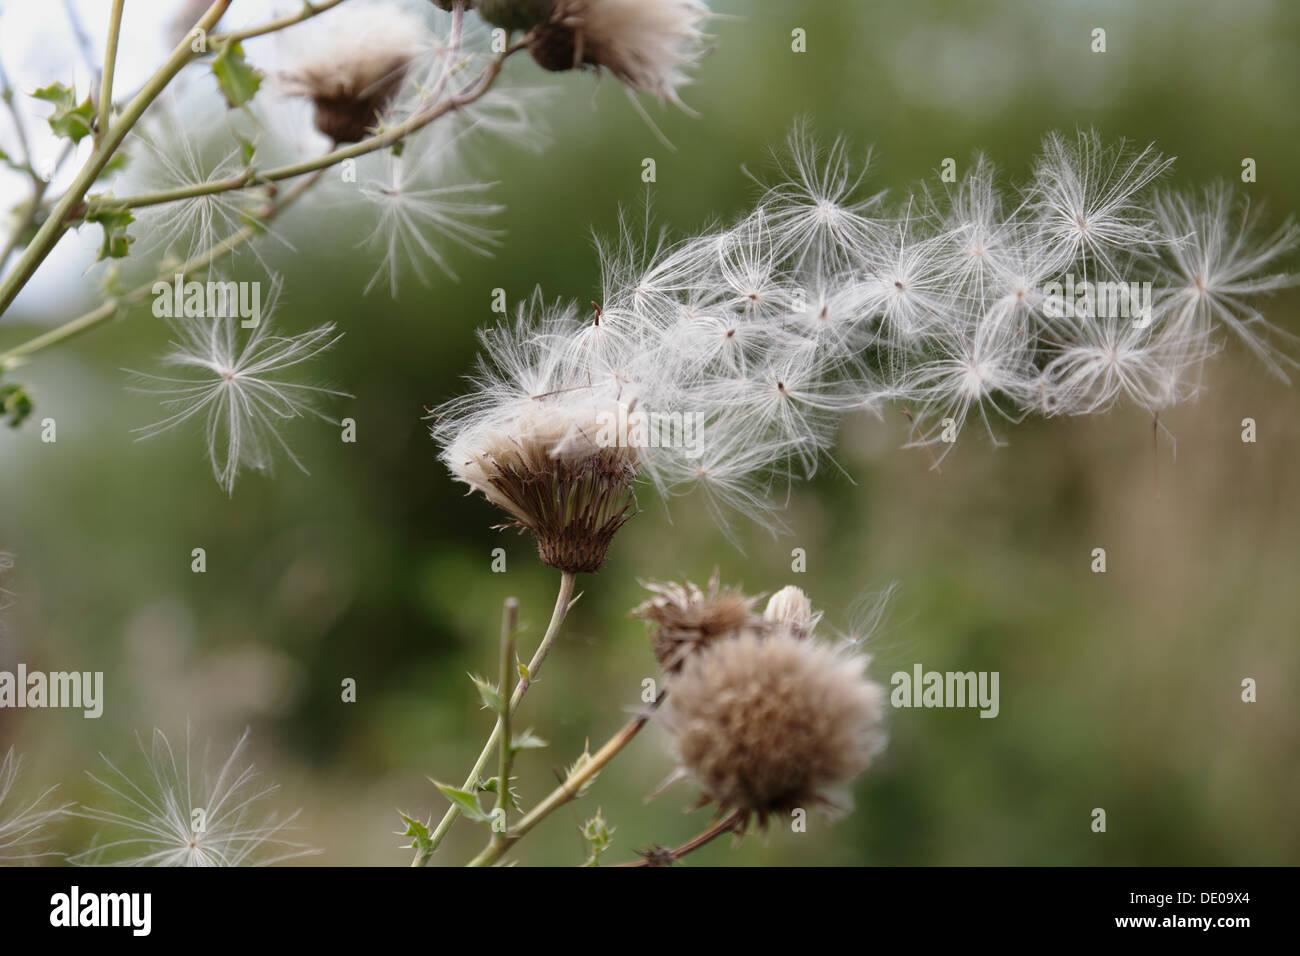 Wild semi di fiori al vento, Scotland, Regno Unito Immagini Stock